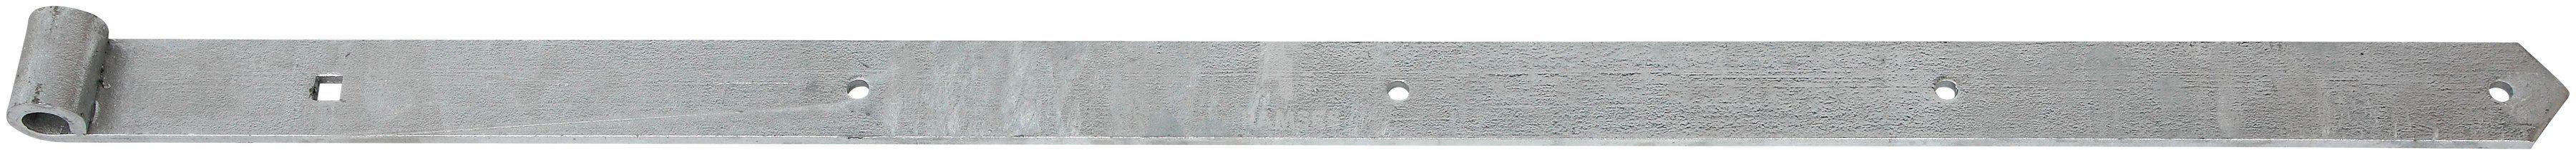 RAMSES Ladenband , schwer für Dorn Ø 16 mm Länge 1000 mm Stahl feuerverzinkt